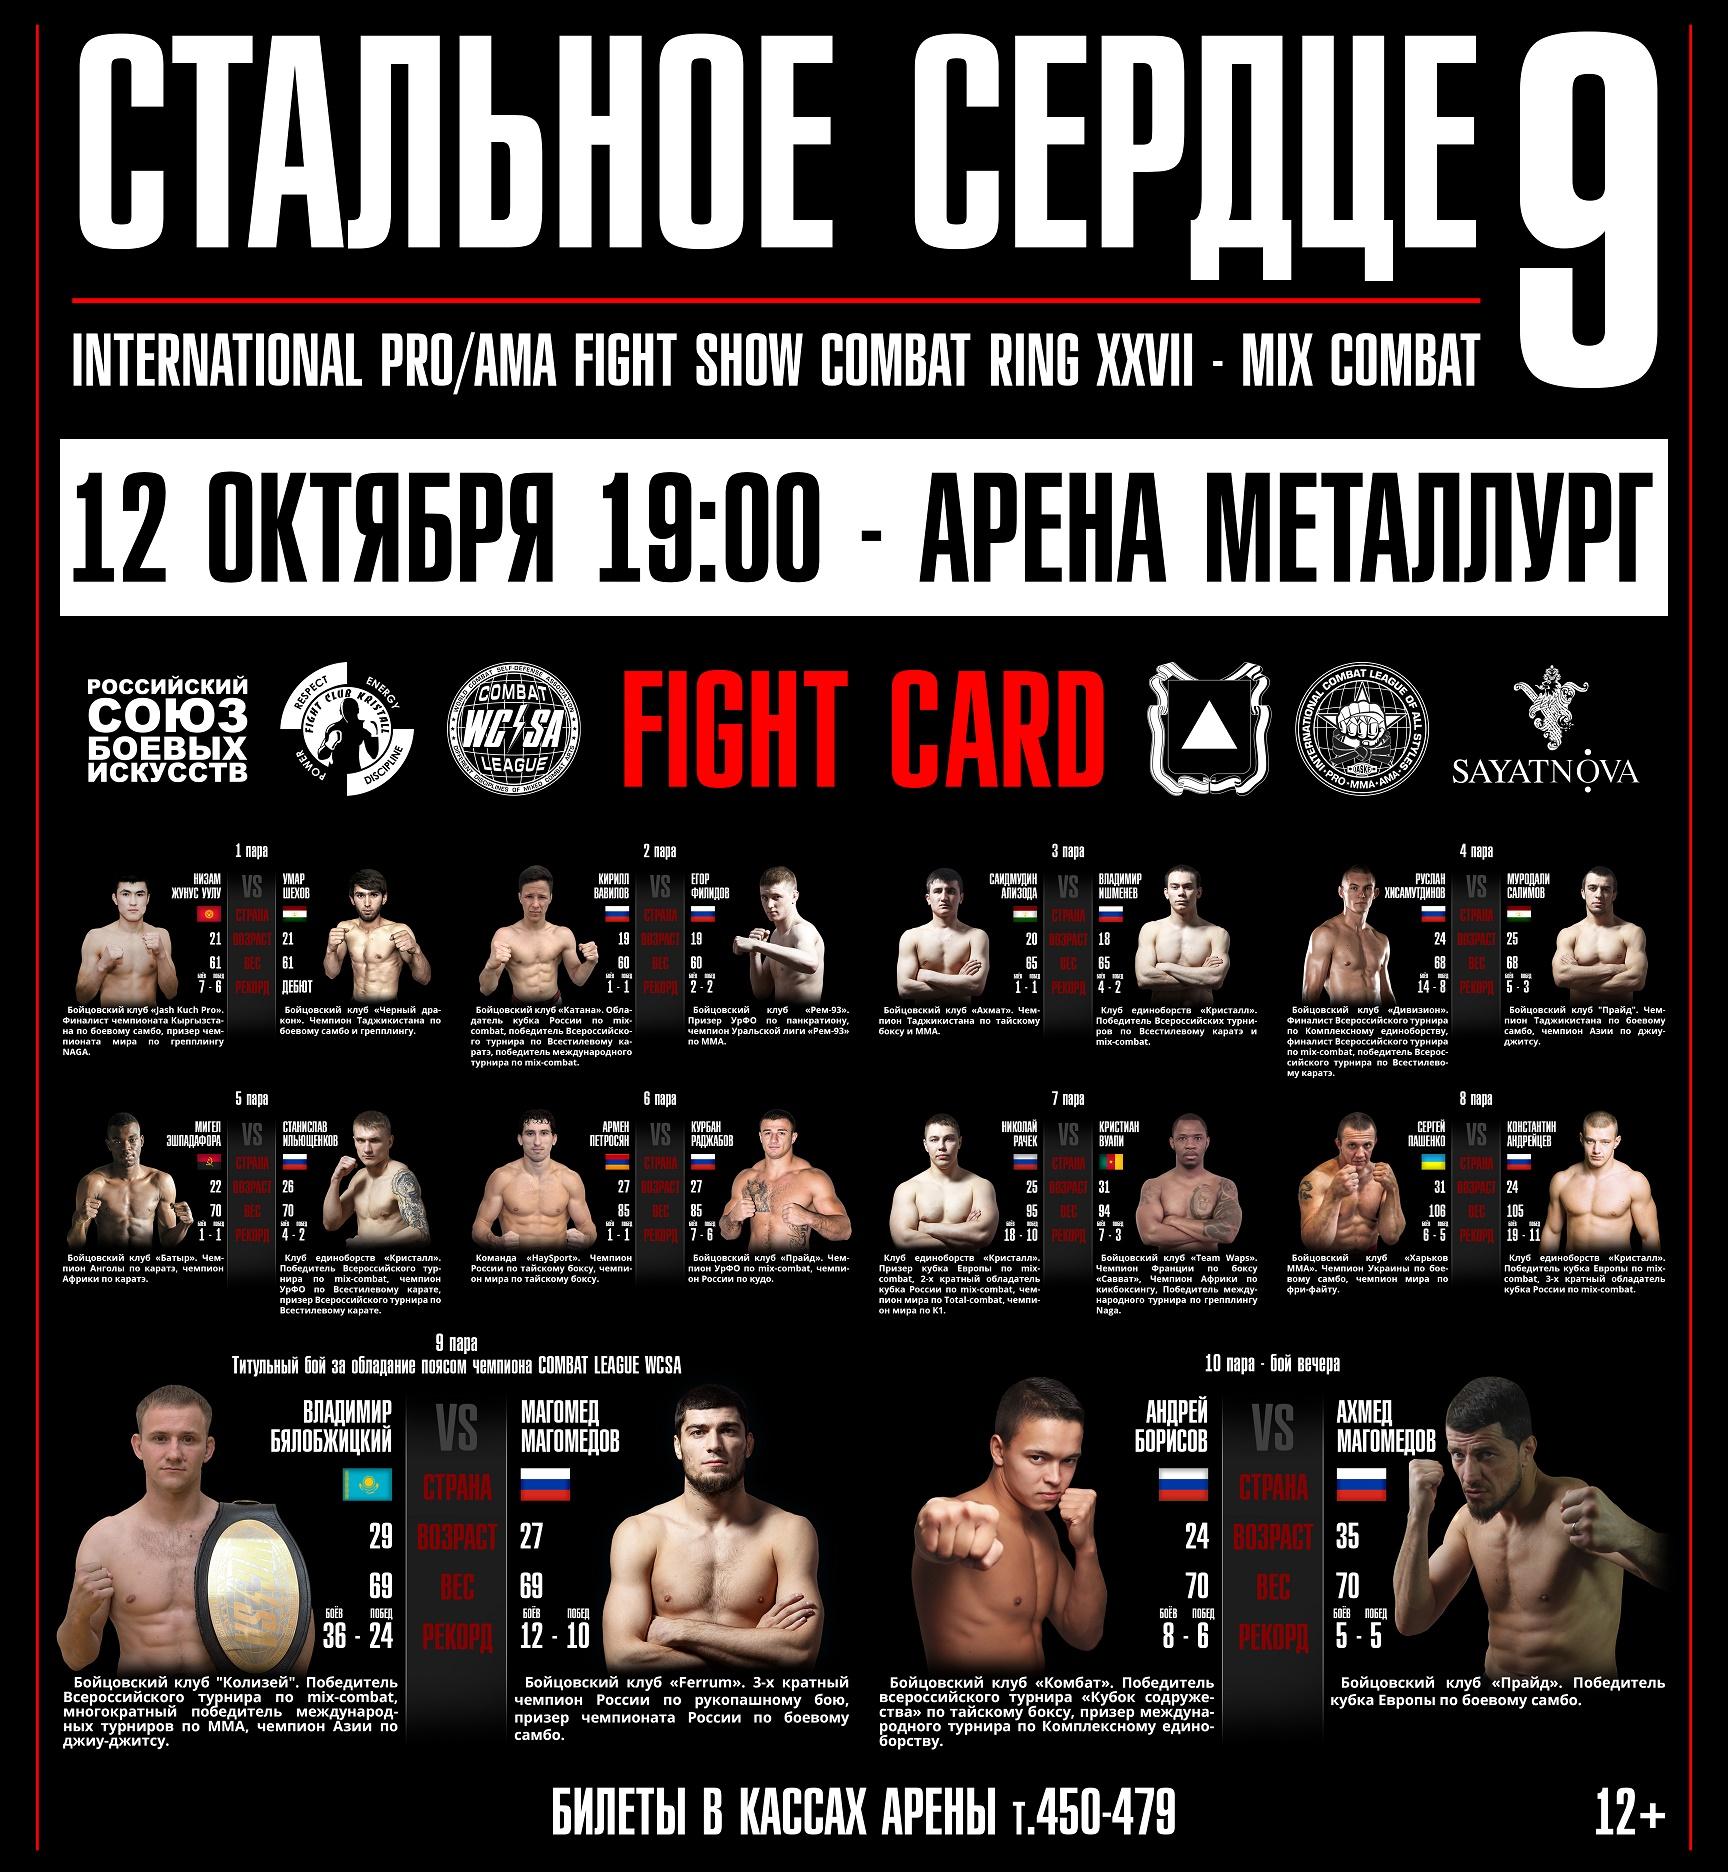 http://combatsd.ru/images/upload/Faytkard_inet.jpg